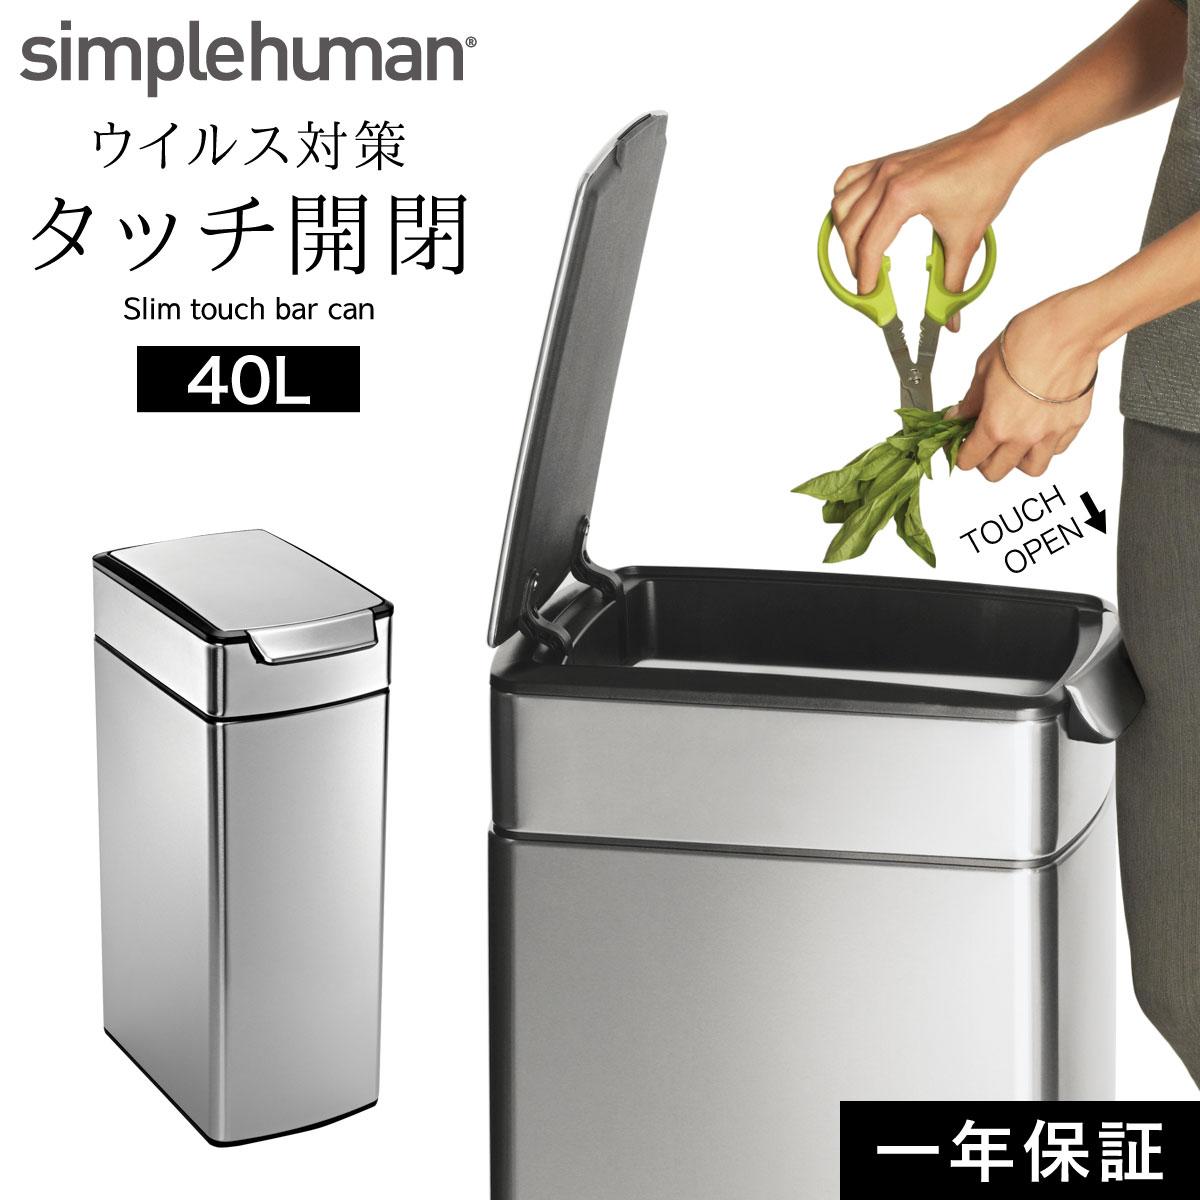 simplehuman ゴミ箱 ごみ箱 ふた付き スリム おしゃれ ステンレス 40l シンプルヒューマン スリムタッチバーカン 40L 00131 メーカー直送 返品不可